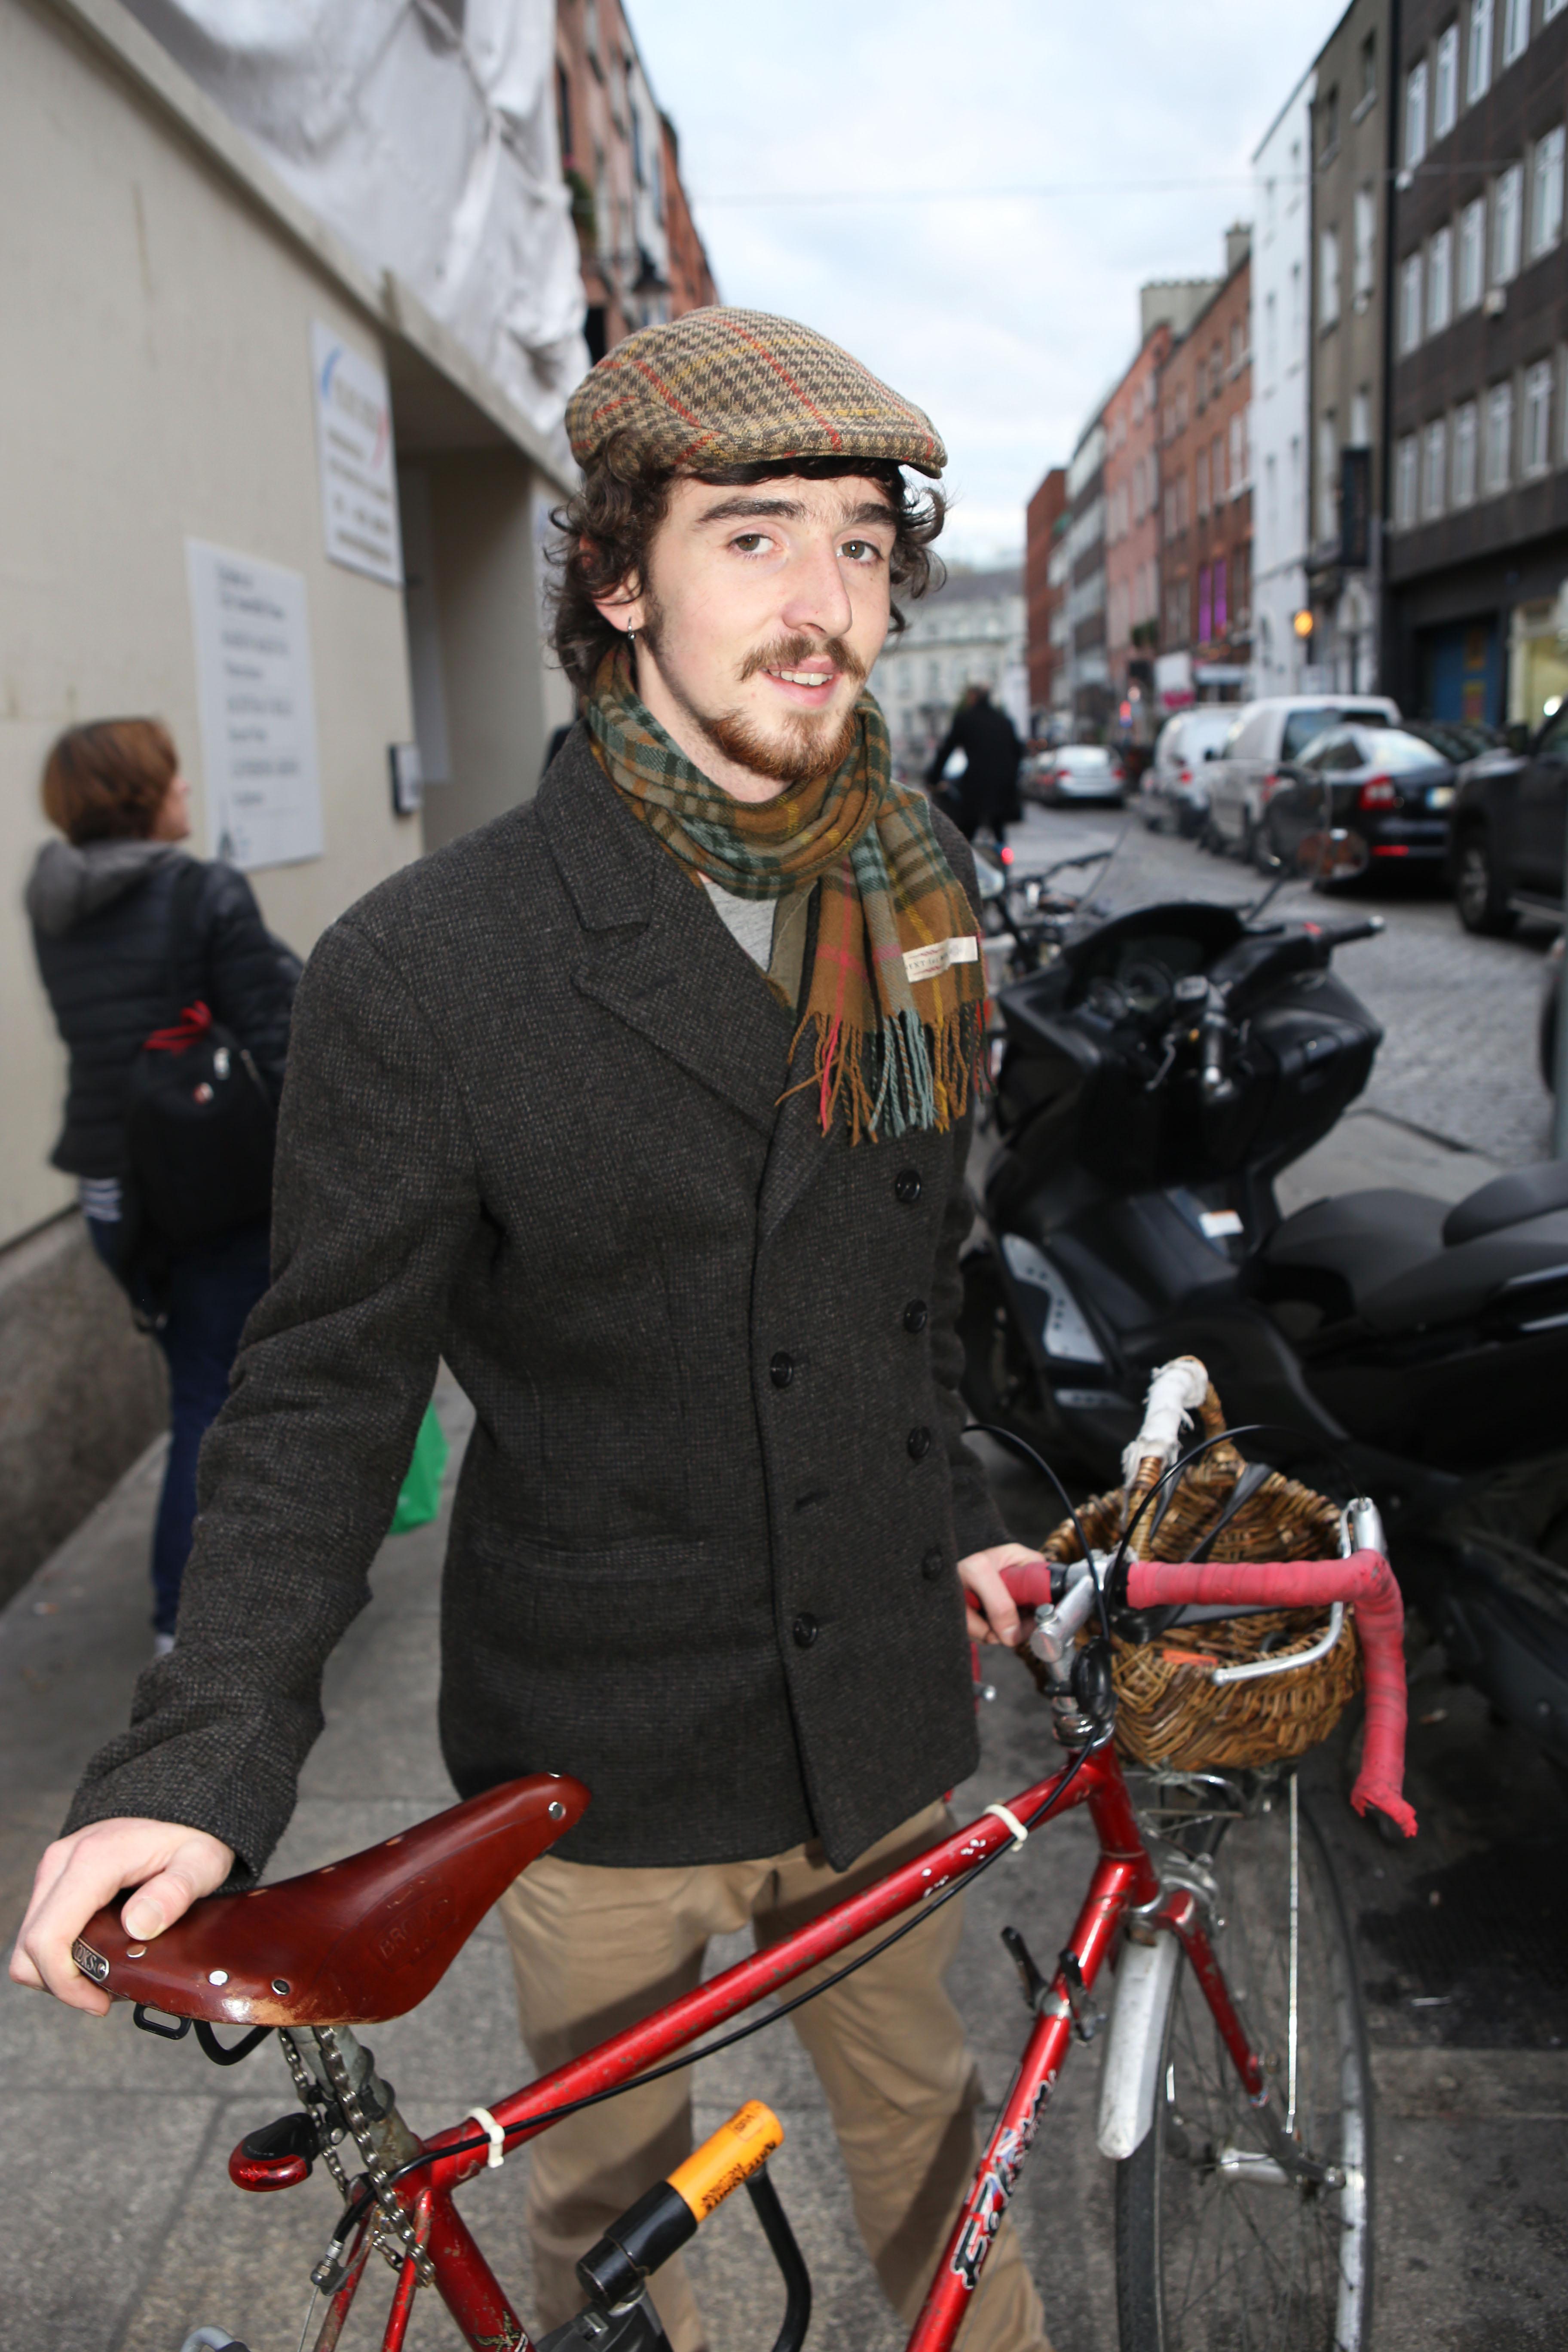 bike-lad-3